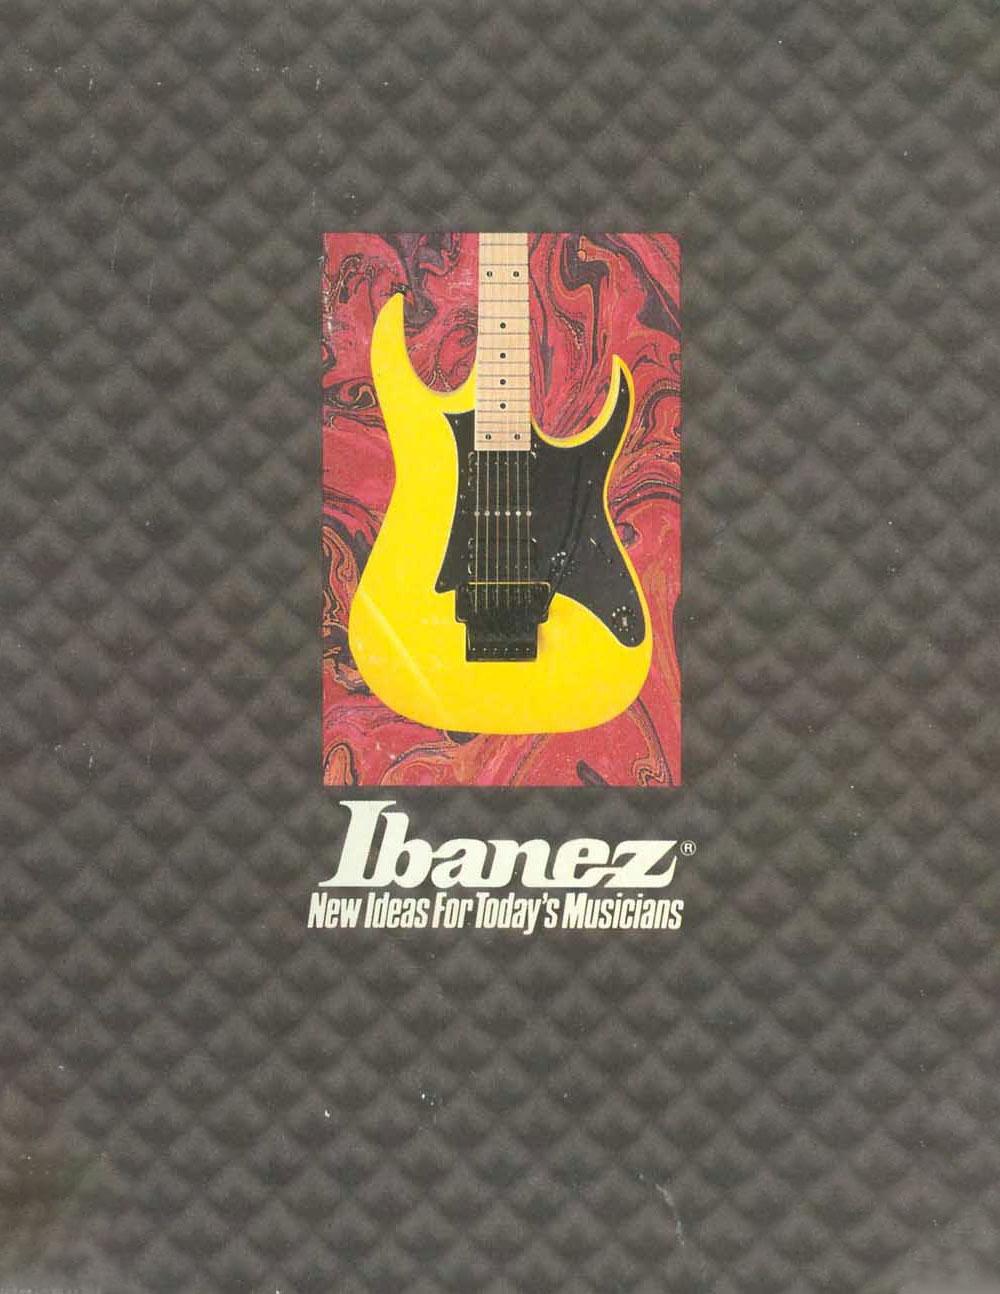 Ibanez Catalog 1989